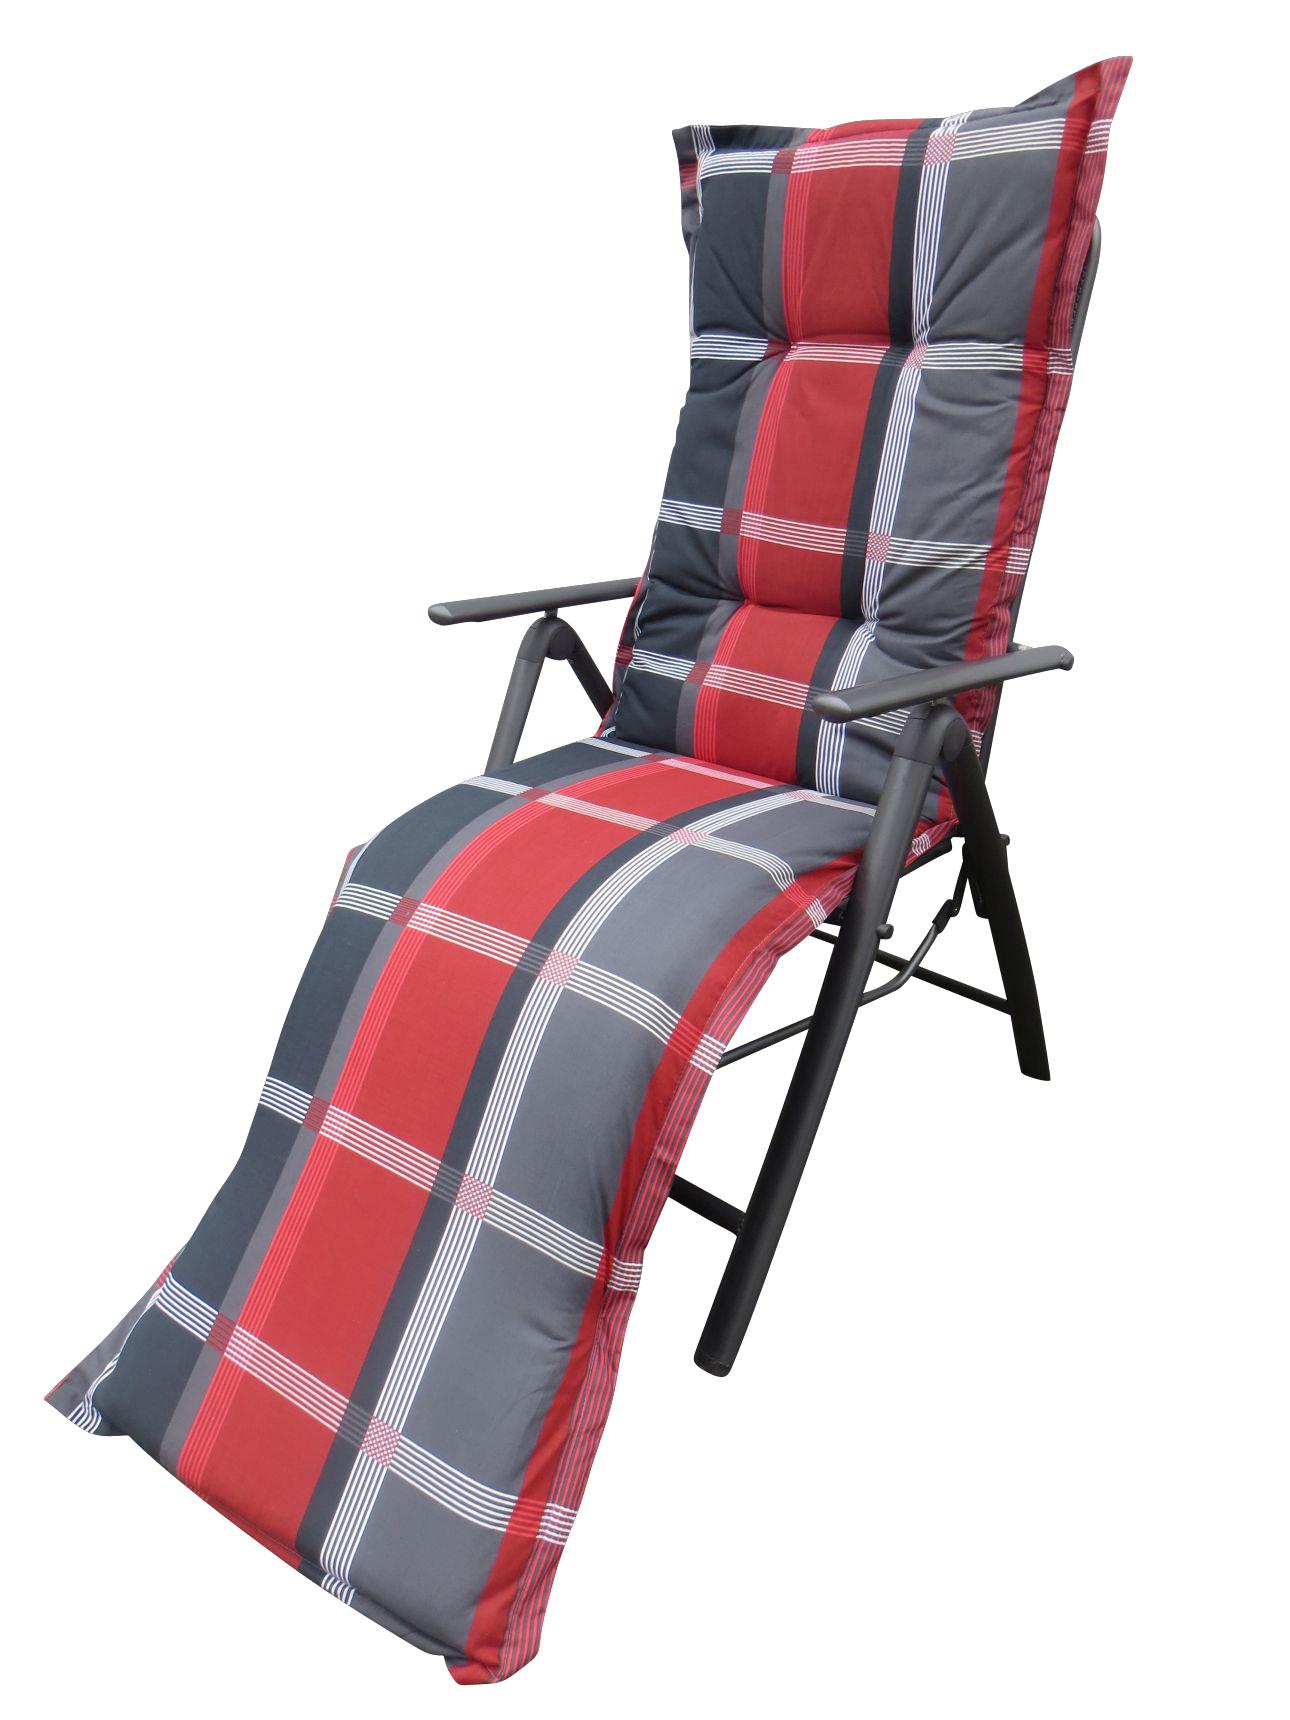 f r relaxliegen auflagen polster garten. Black Bedroom Furniture Sets. Home Design Ideas